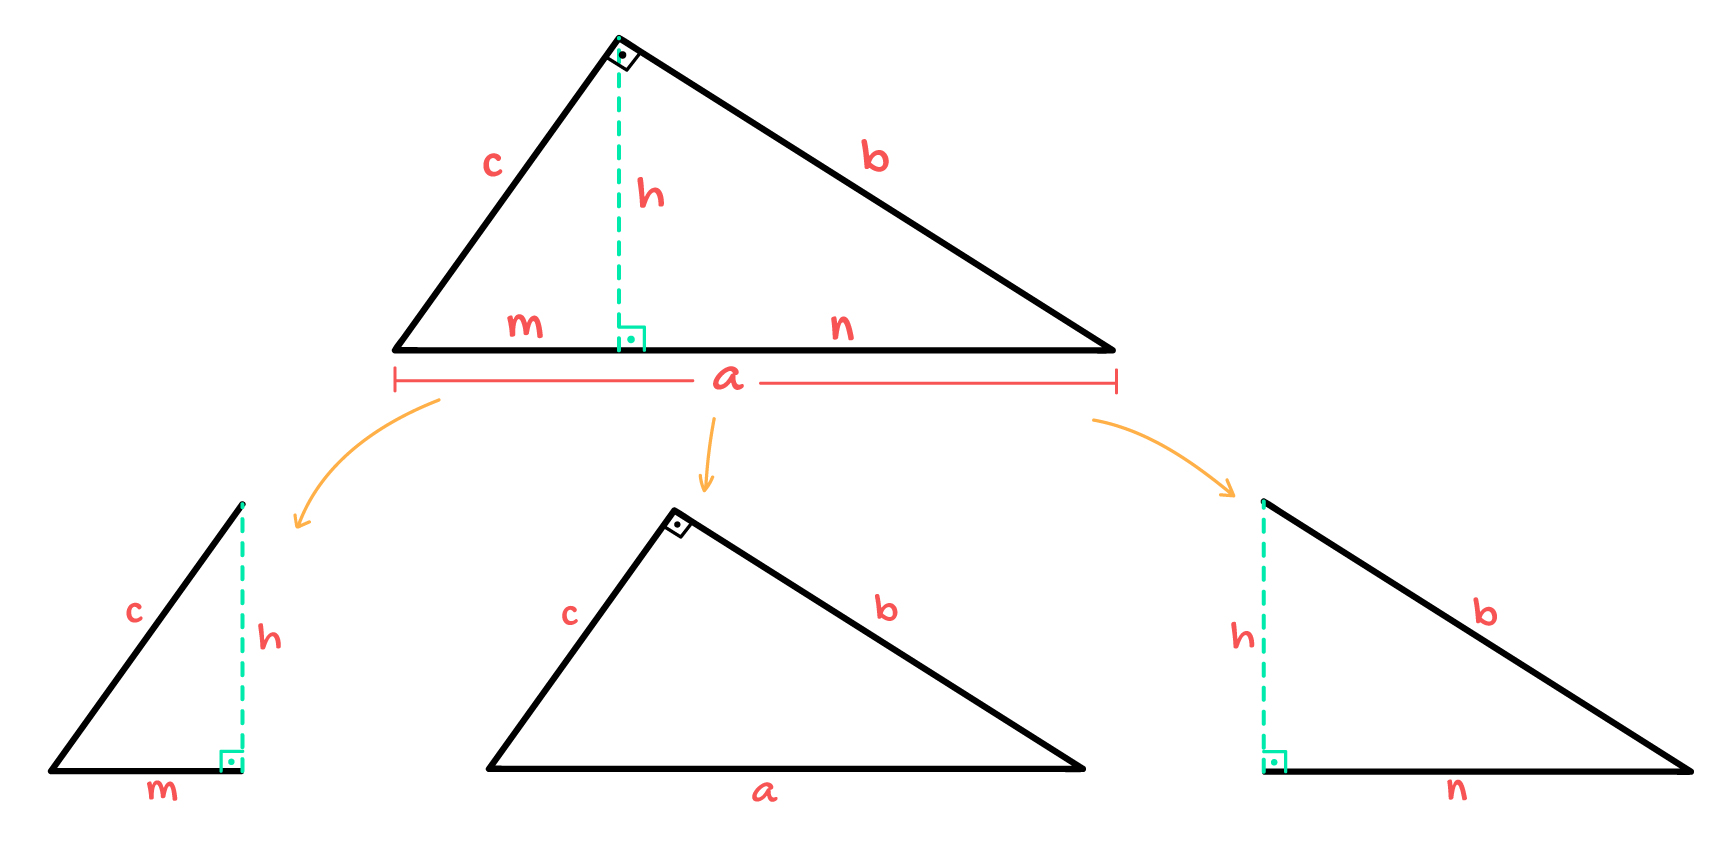 triângulo retângulo de lados a b e c forma 3 triângulos retângulos diferentes